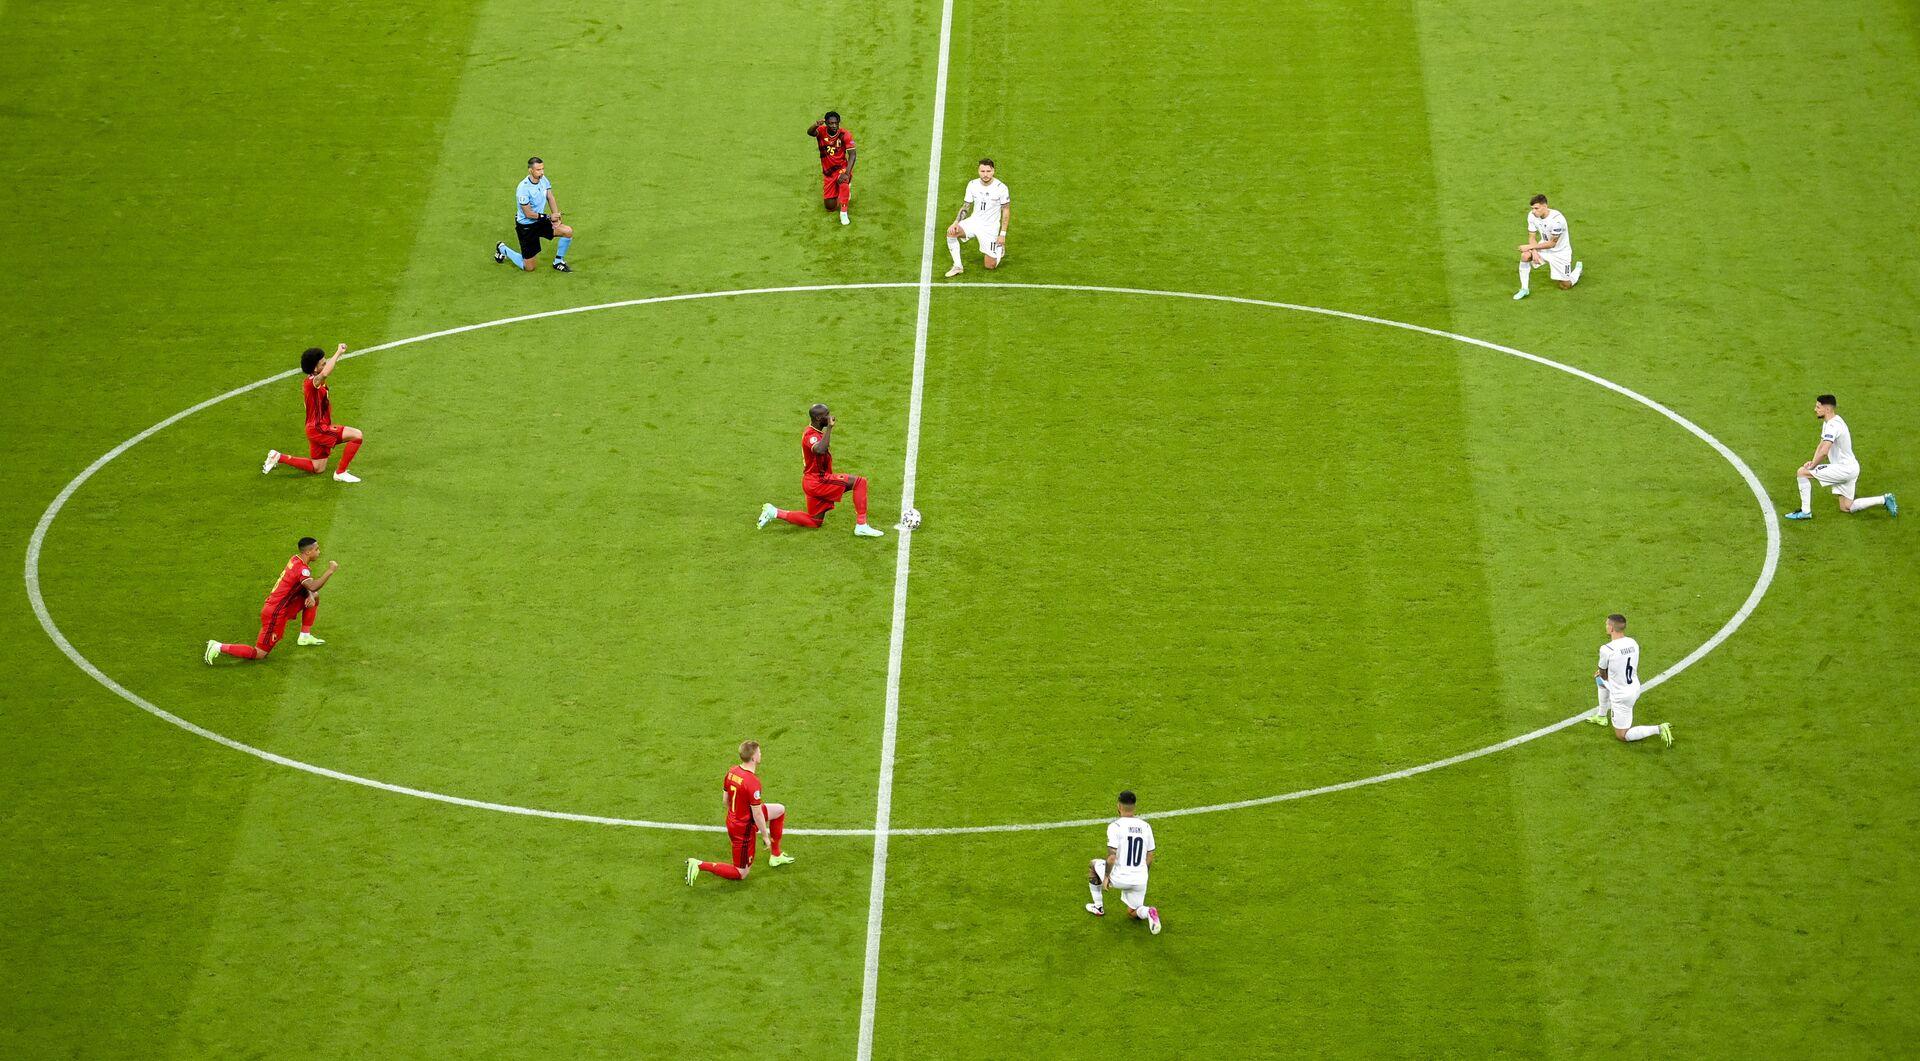 Vòng 1/4 EURO 2020: Đội Ý thắng đội Bỉ với tỷ số 2:1 - Sputnik Việt Nam, 1920, 03.07.2021